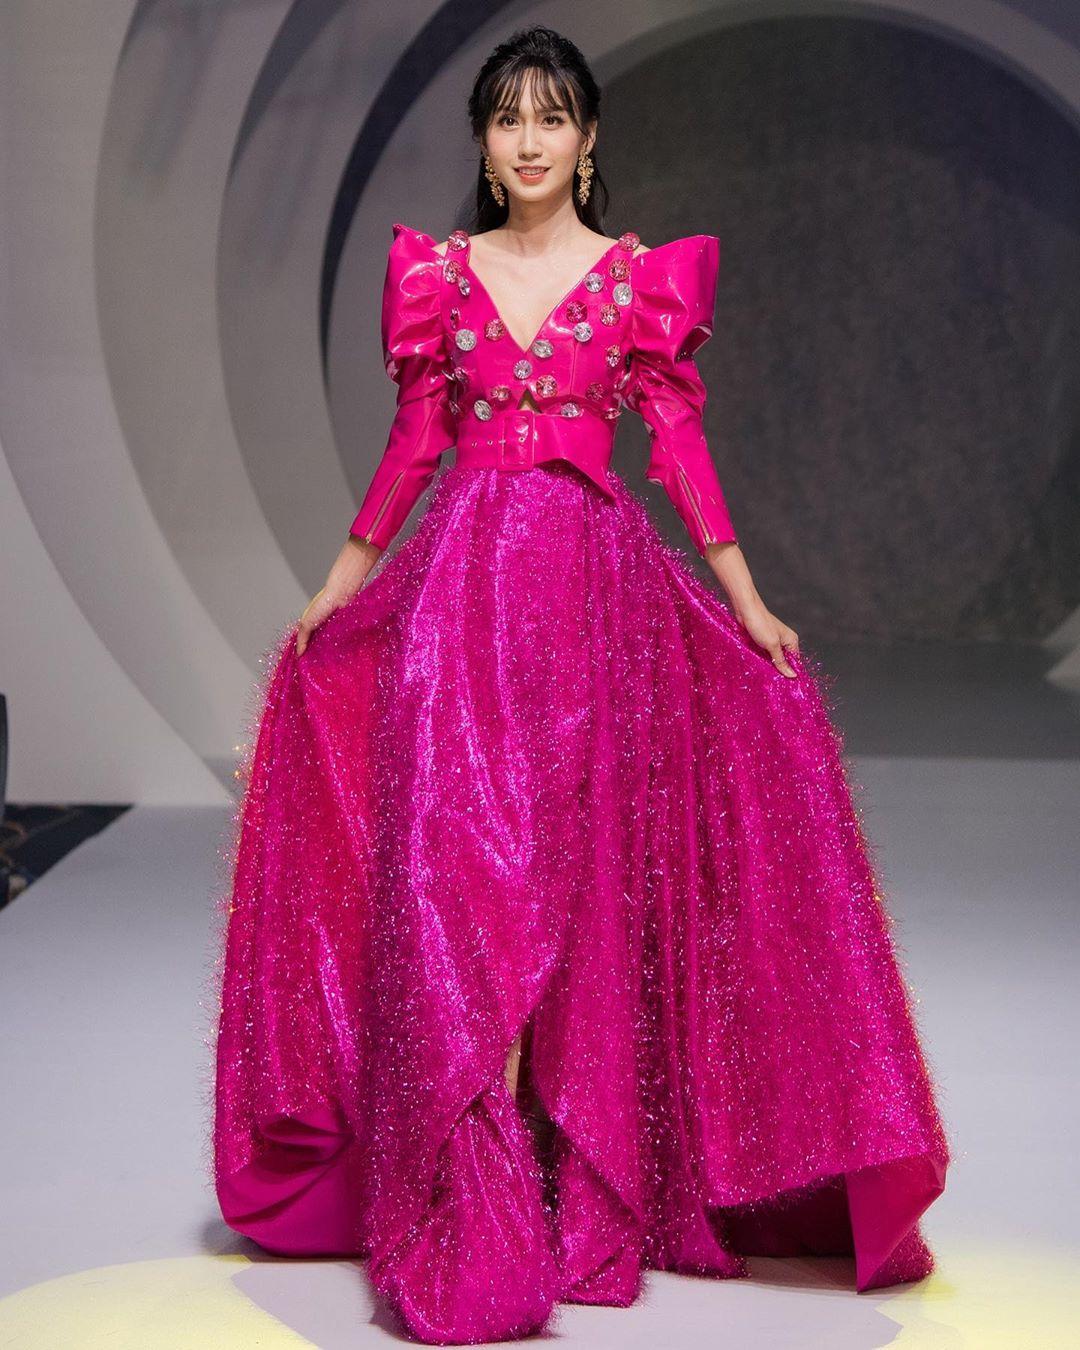 Lan Khuê hóa Nữ hoàng đầy quyền lực, Lynk Lee lần đầu đi giày cao gót 10cm làm vedette tại show thời trang - Ảnh 4.